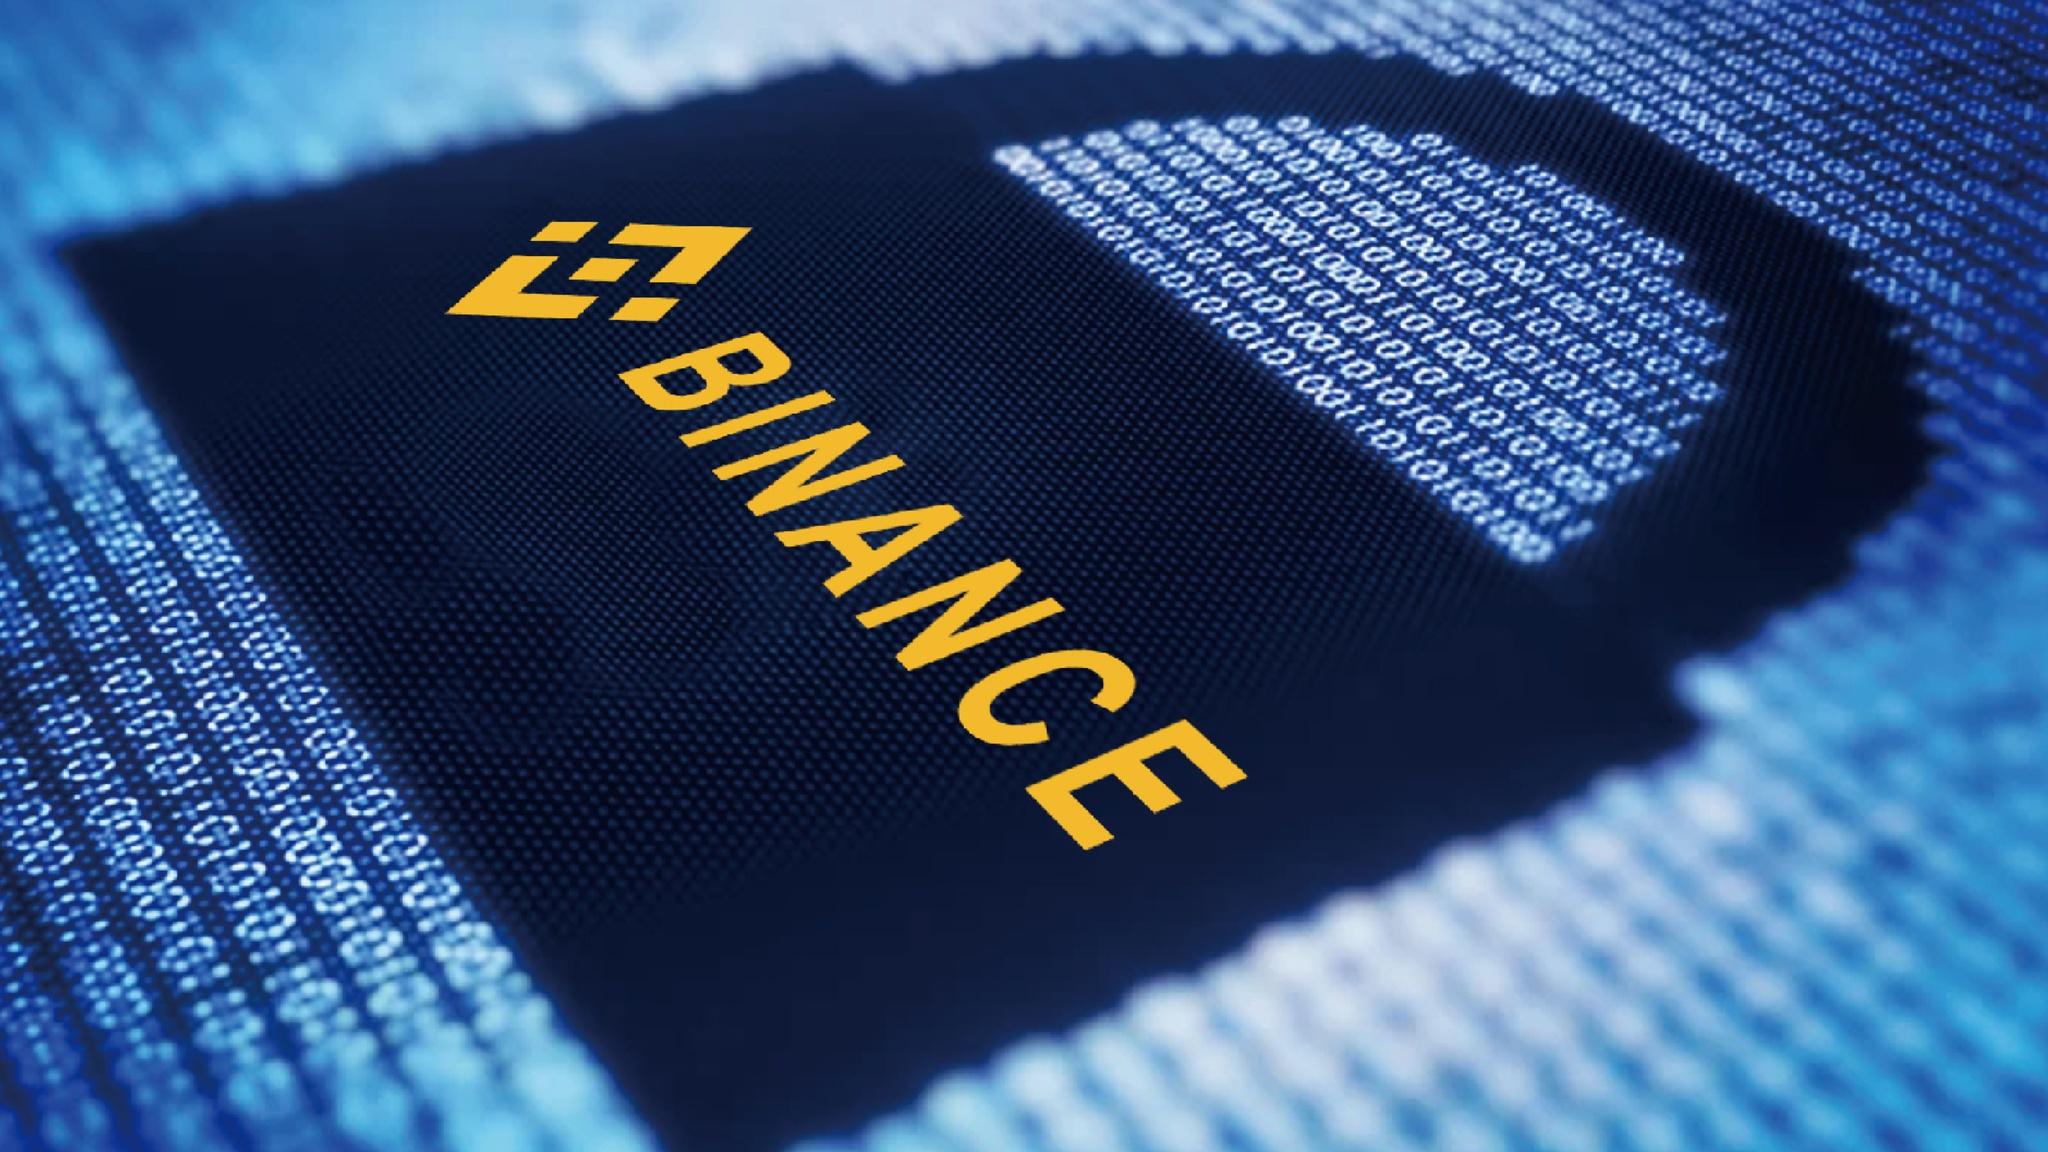 Биржа Binance раздает гранты и рассказывает об IEO